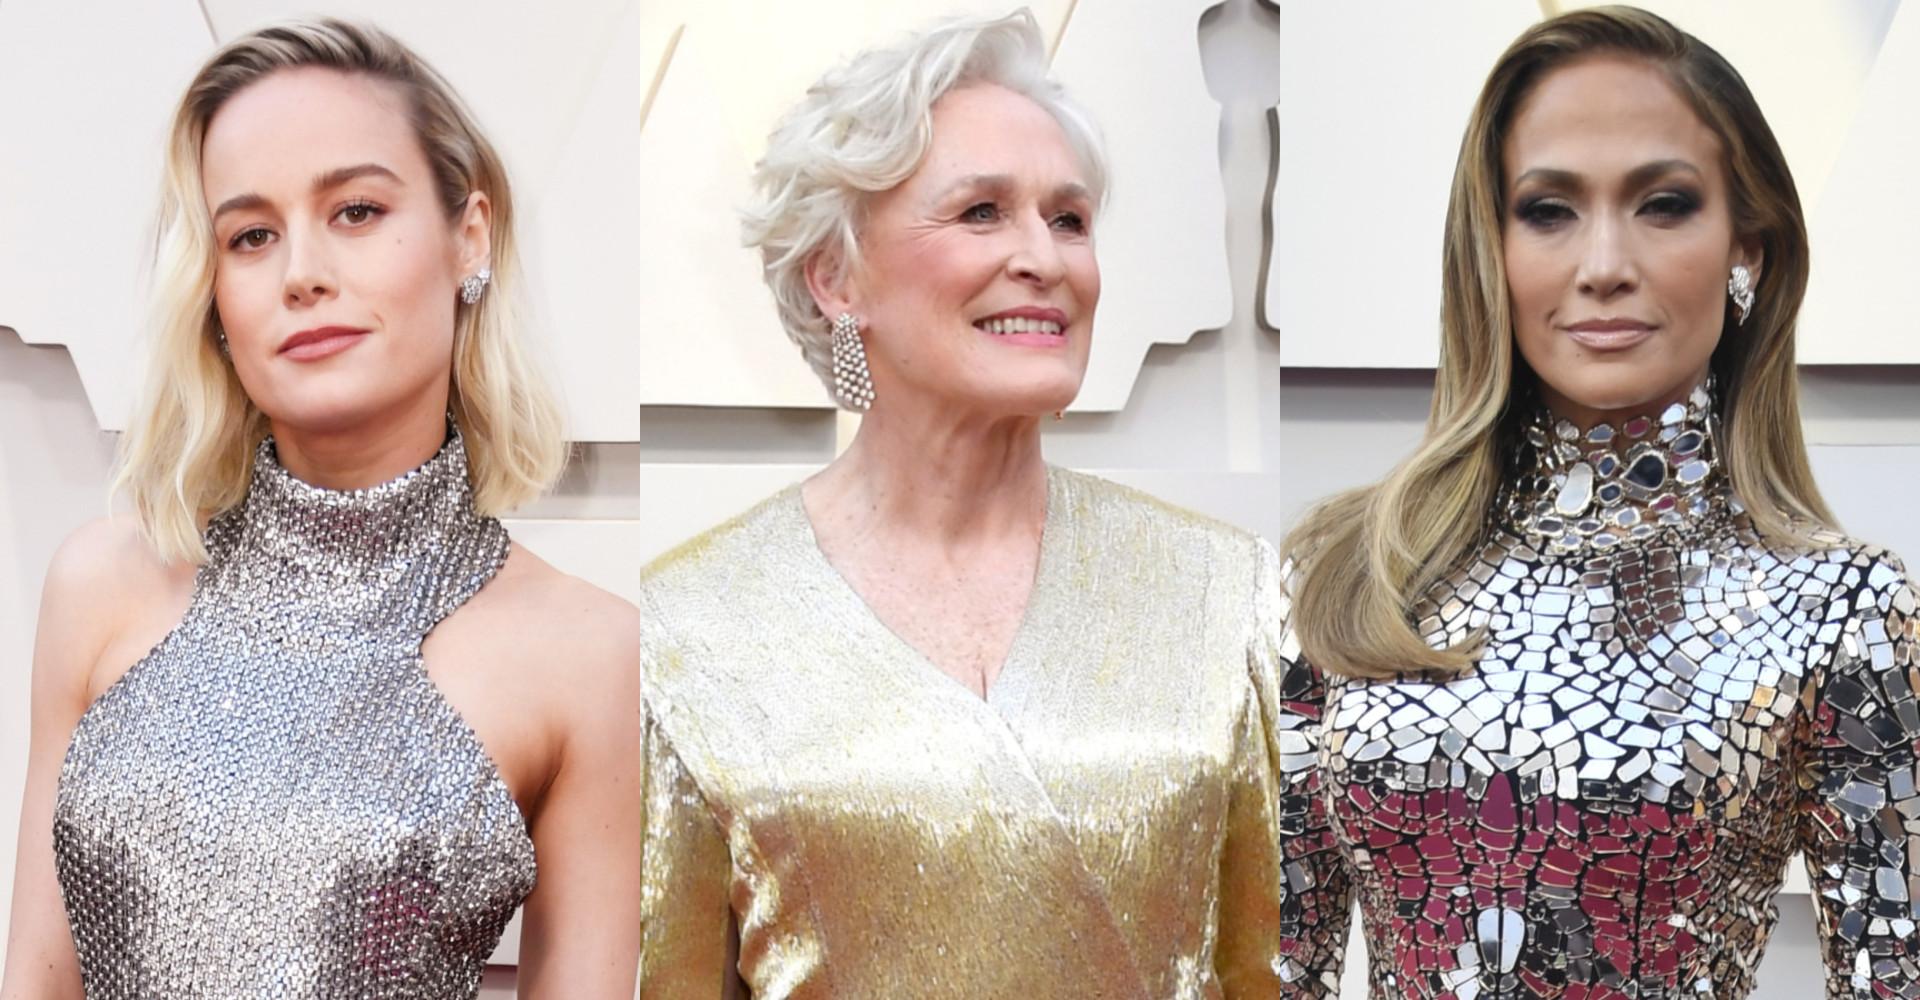 Kendisser iført metallisk ved årets Oscar-uddeling